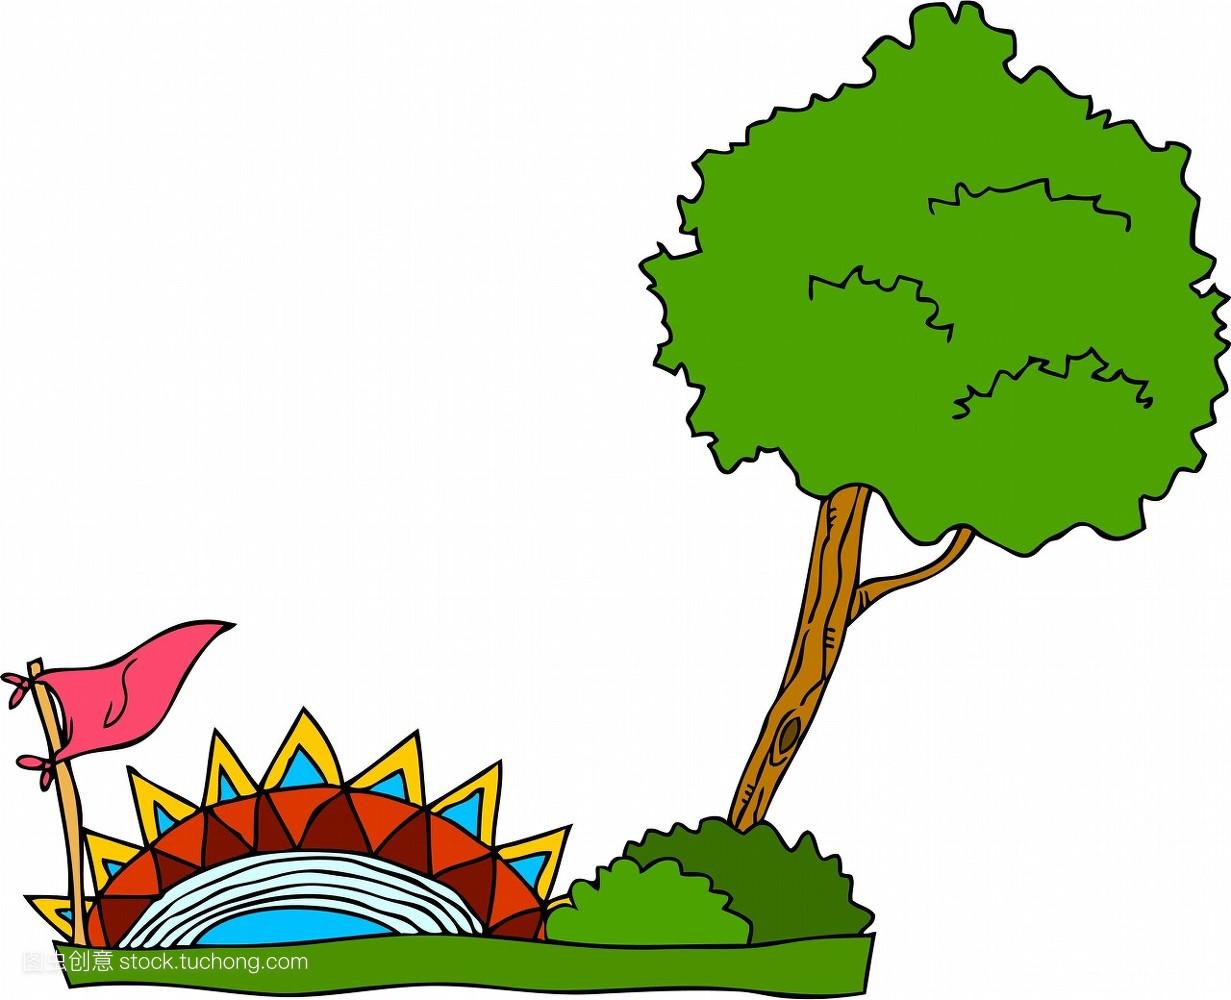 灌木,图标,剪贴画,旗帜,树,桥梁,插画,布什,矢量图,植物,日光图片